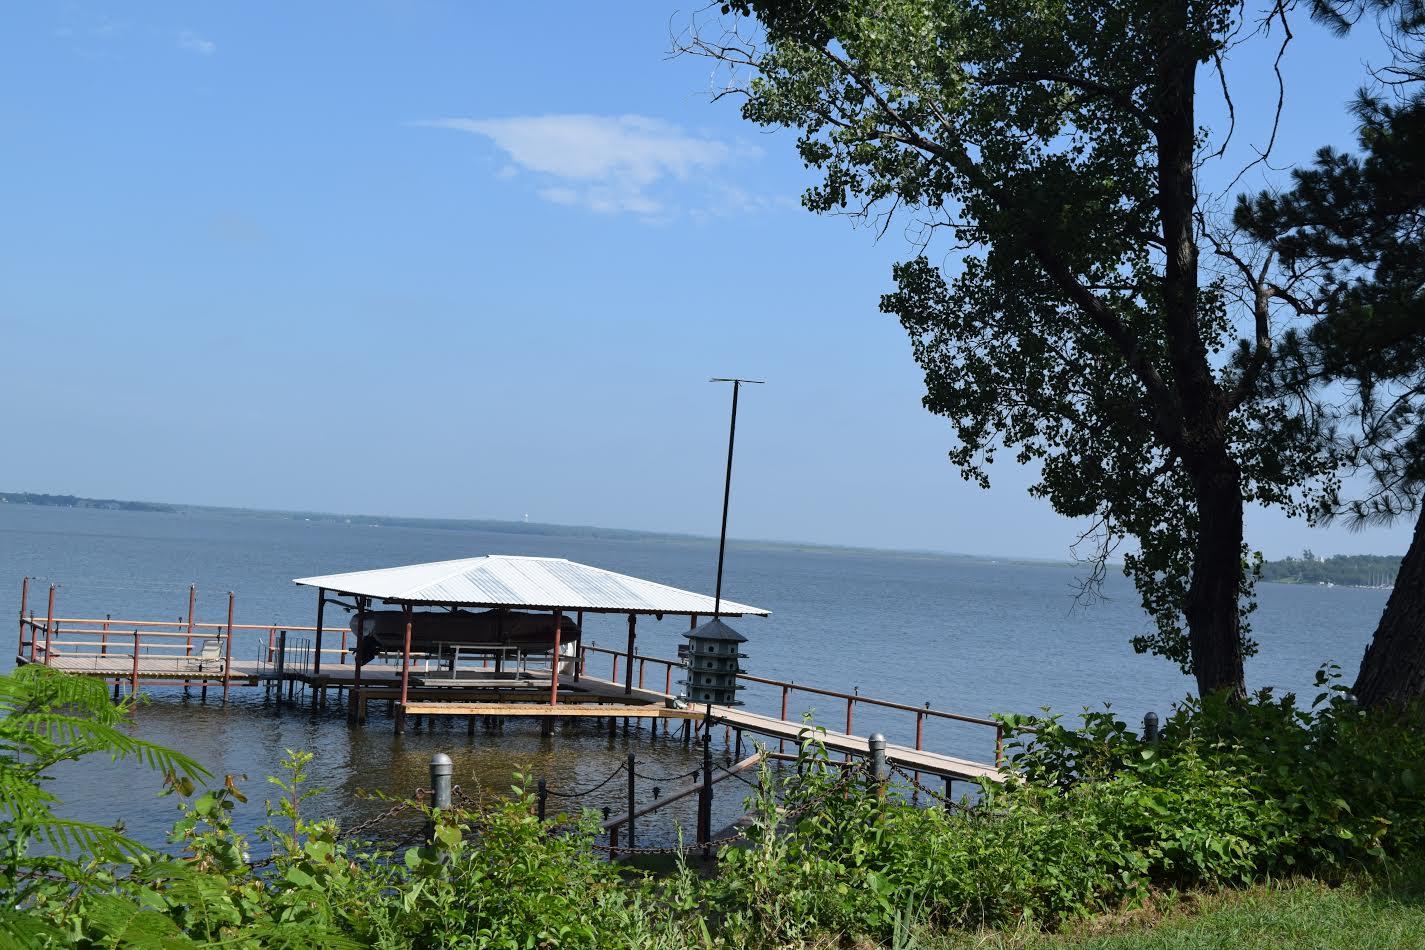 slate-real-estate-eagle-lake-featured-listing-2